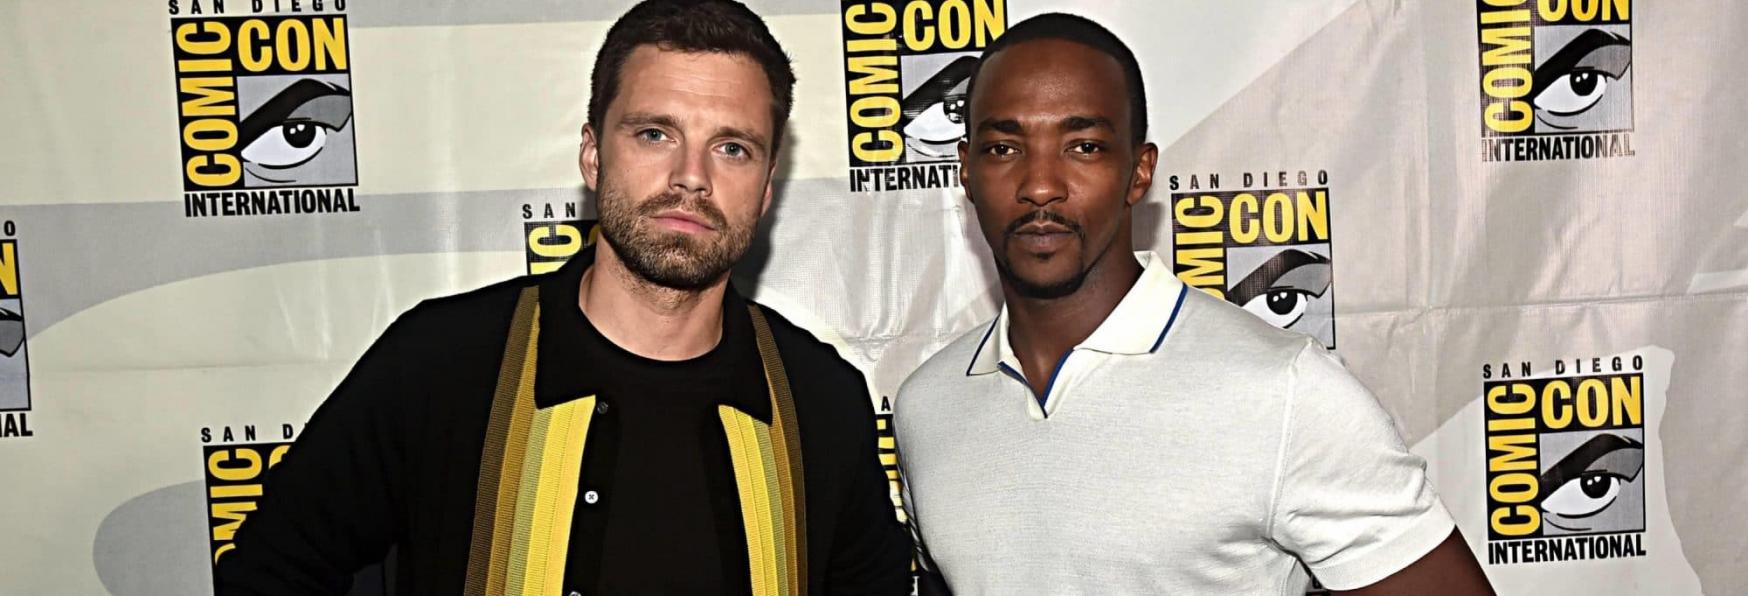 The Falcon and the Winter Soldier: la Serie TV potrebbe introdurre un Luogo relativo agli X-Men